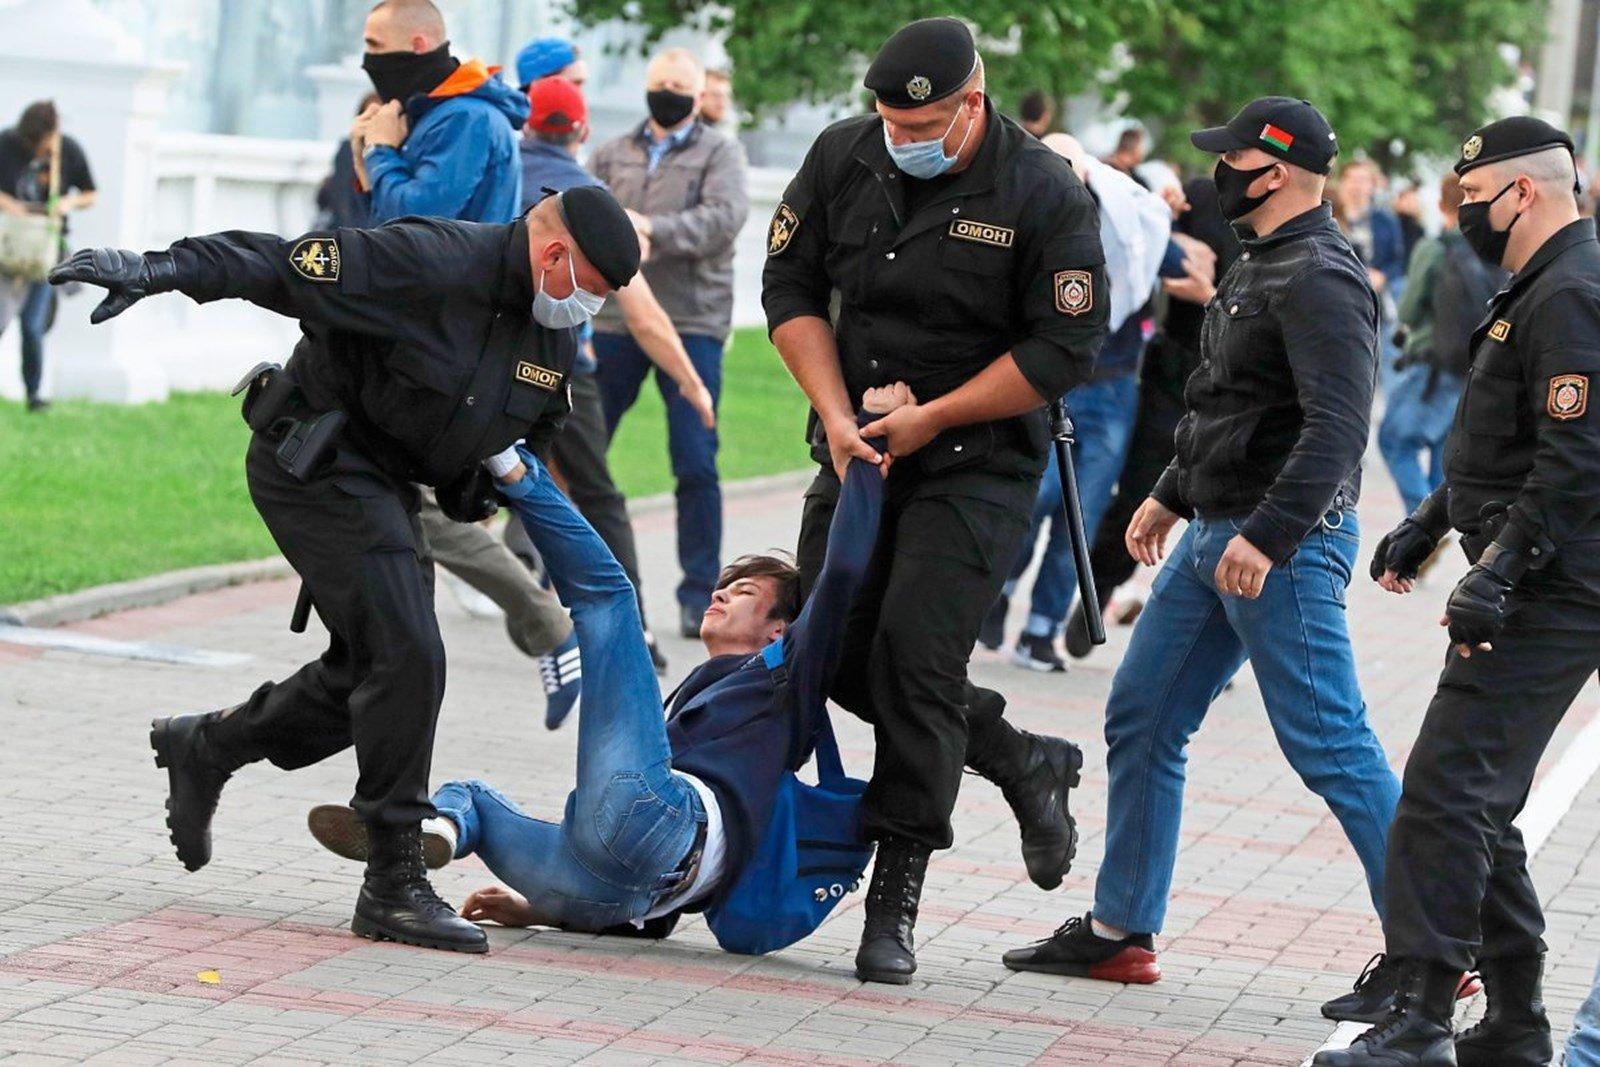 Милиция применила силу на демонстрациях в Беларуси. Задержанным грозят длительные сроки.